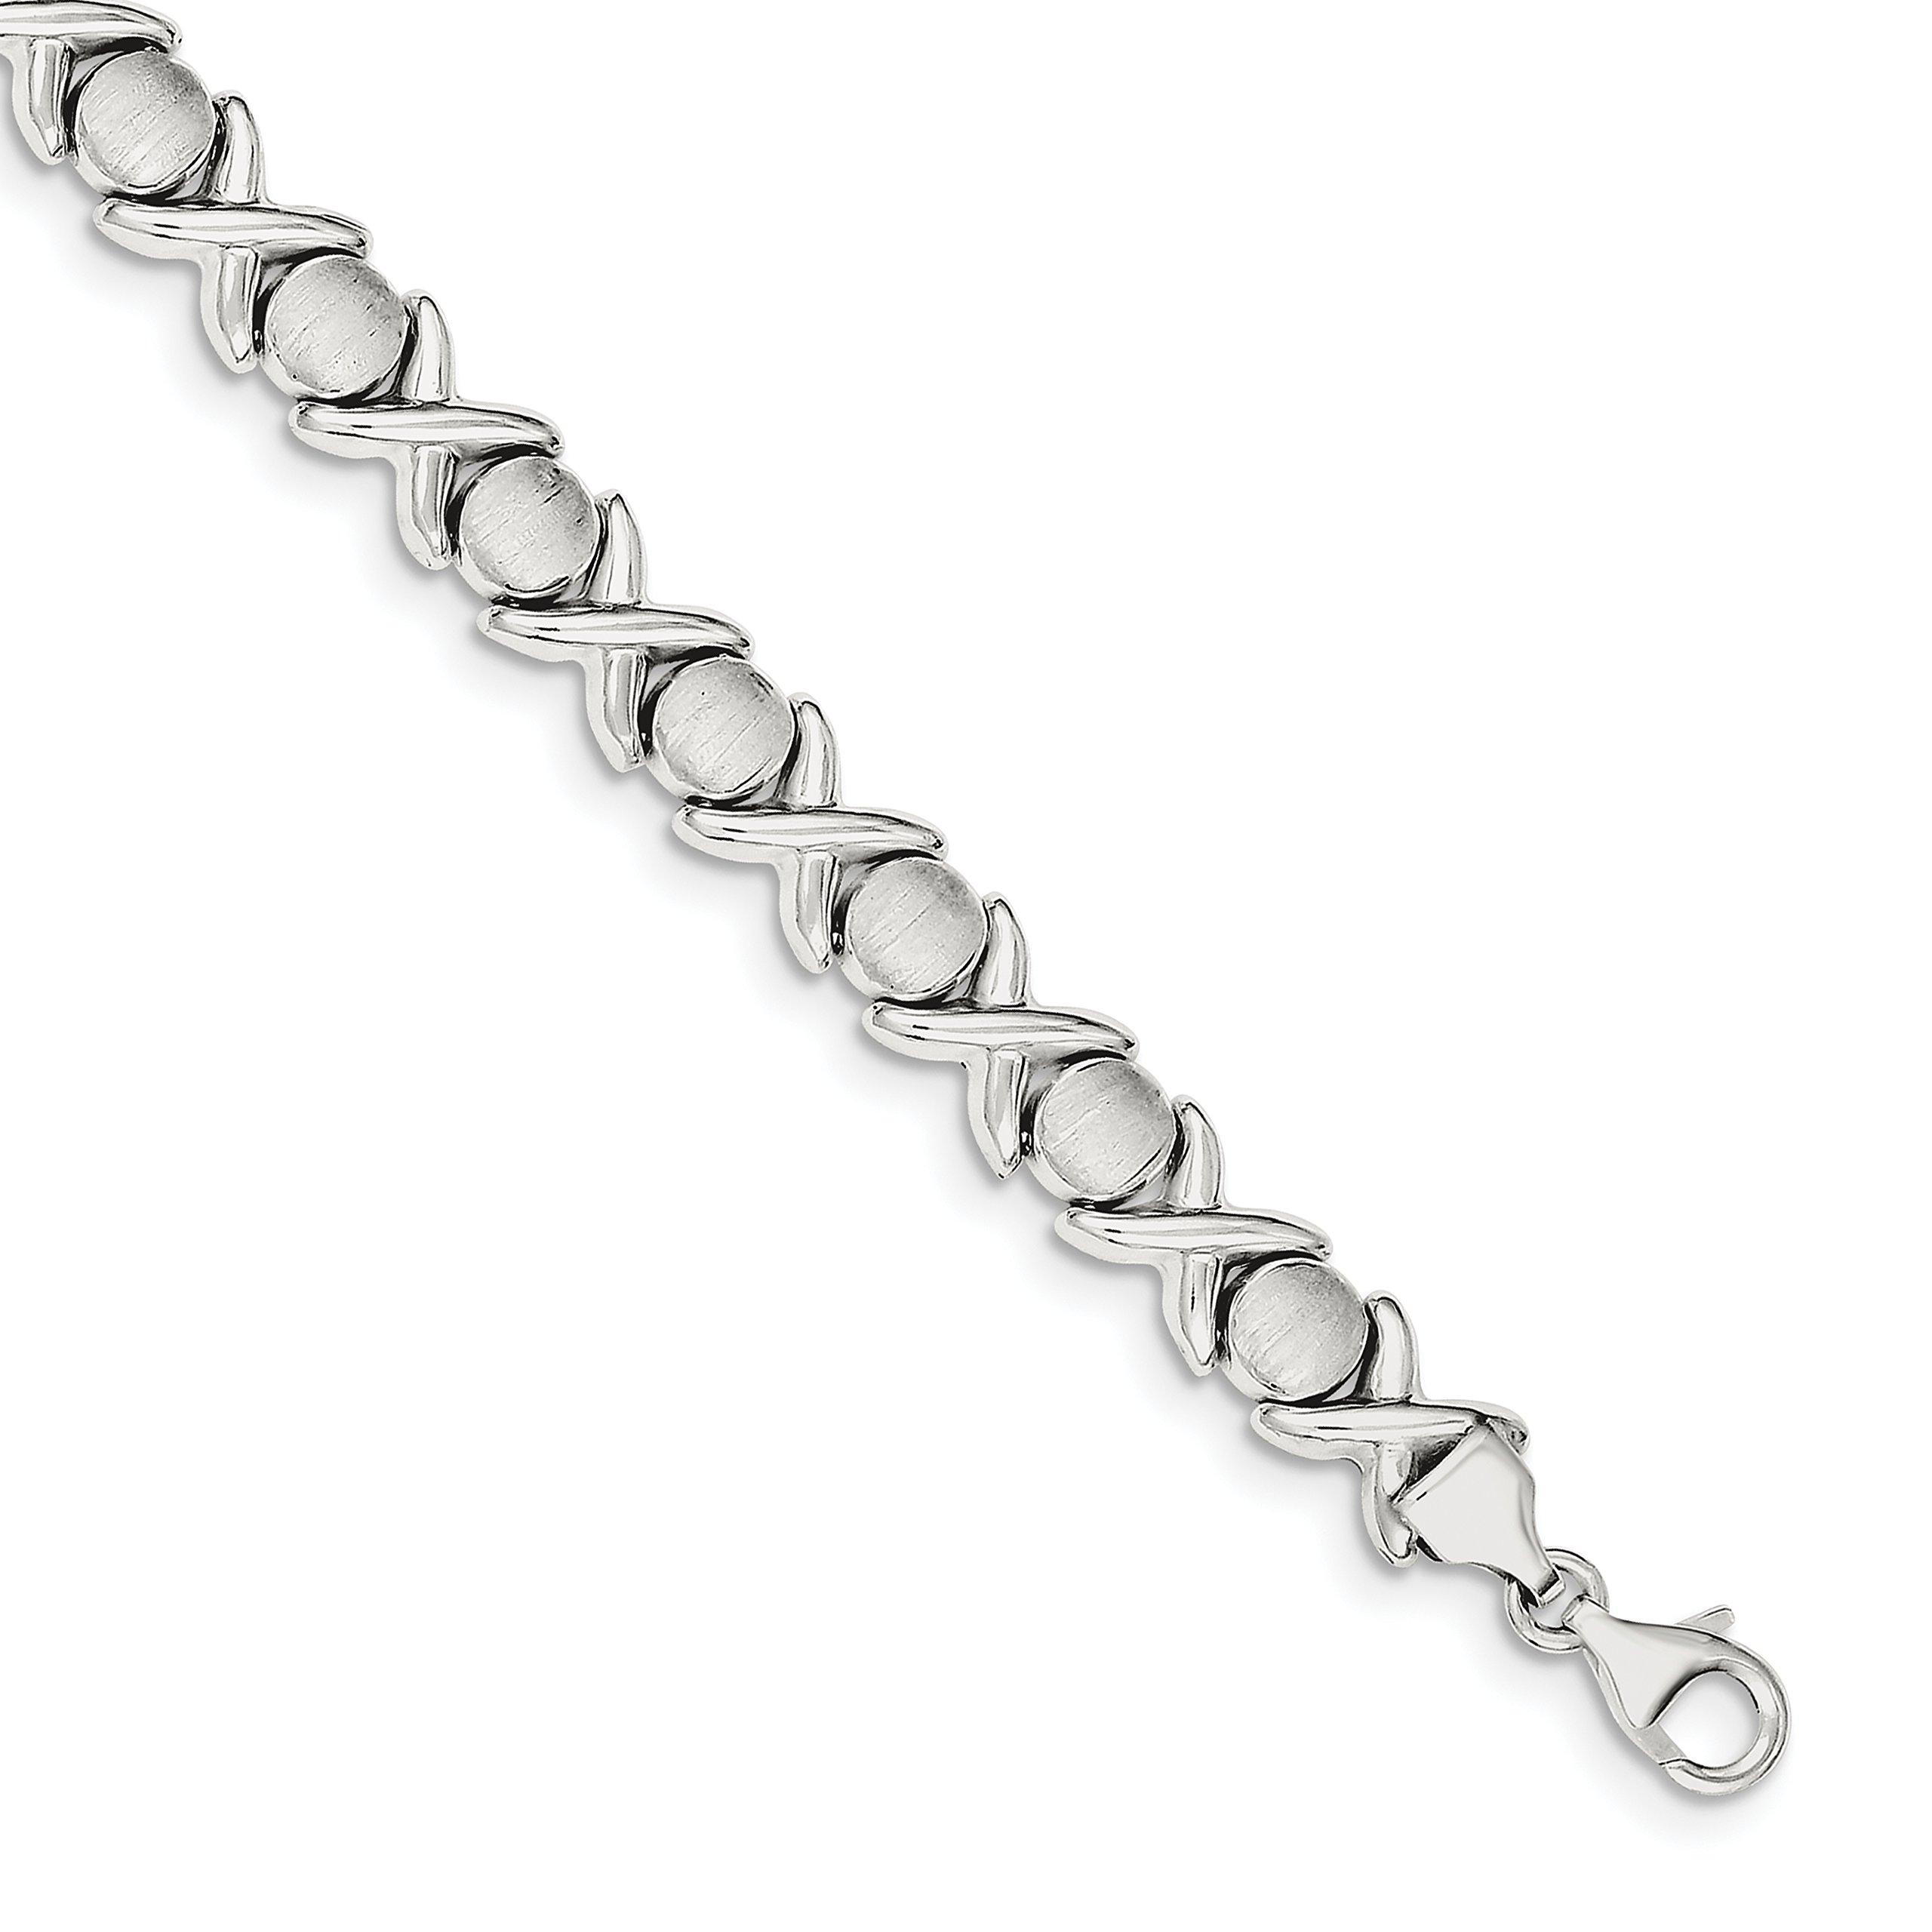 ICE CARATS 925 Sterling Silver X O Bracelet 8 Inch Fancy Fine Jewelry Gift Set For Women Heart